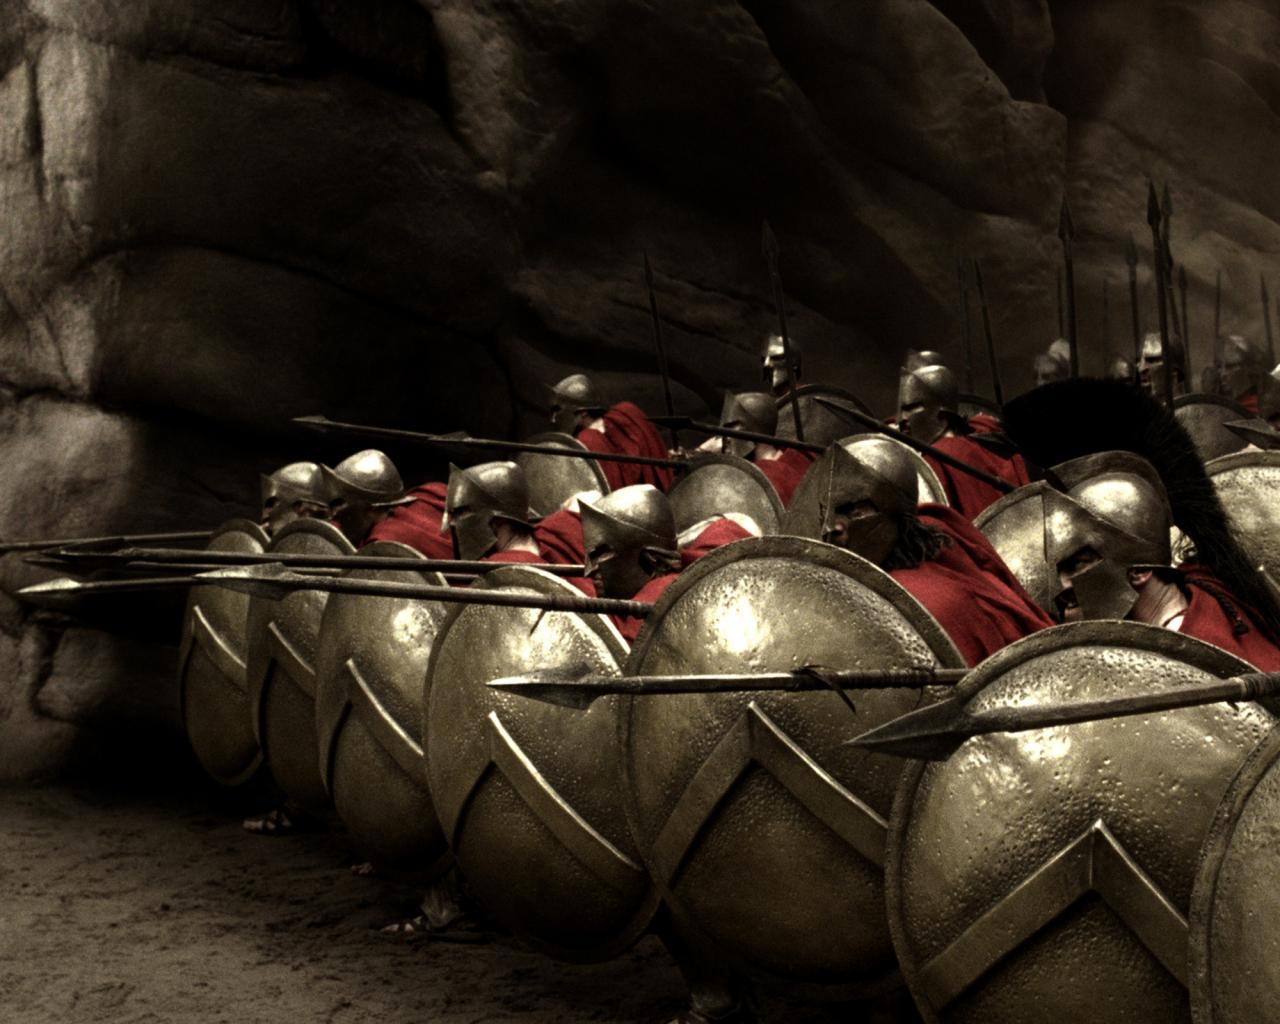 300 спартанцев, копья, воины обои для рабочего стола, картинки ...